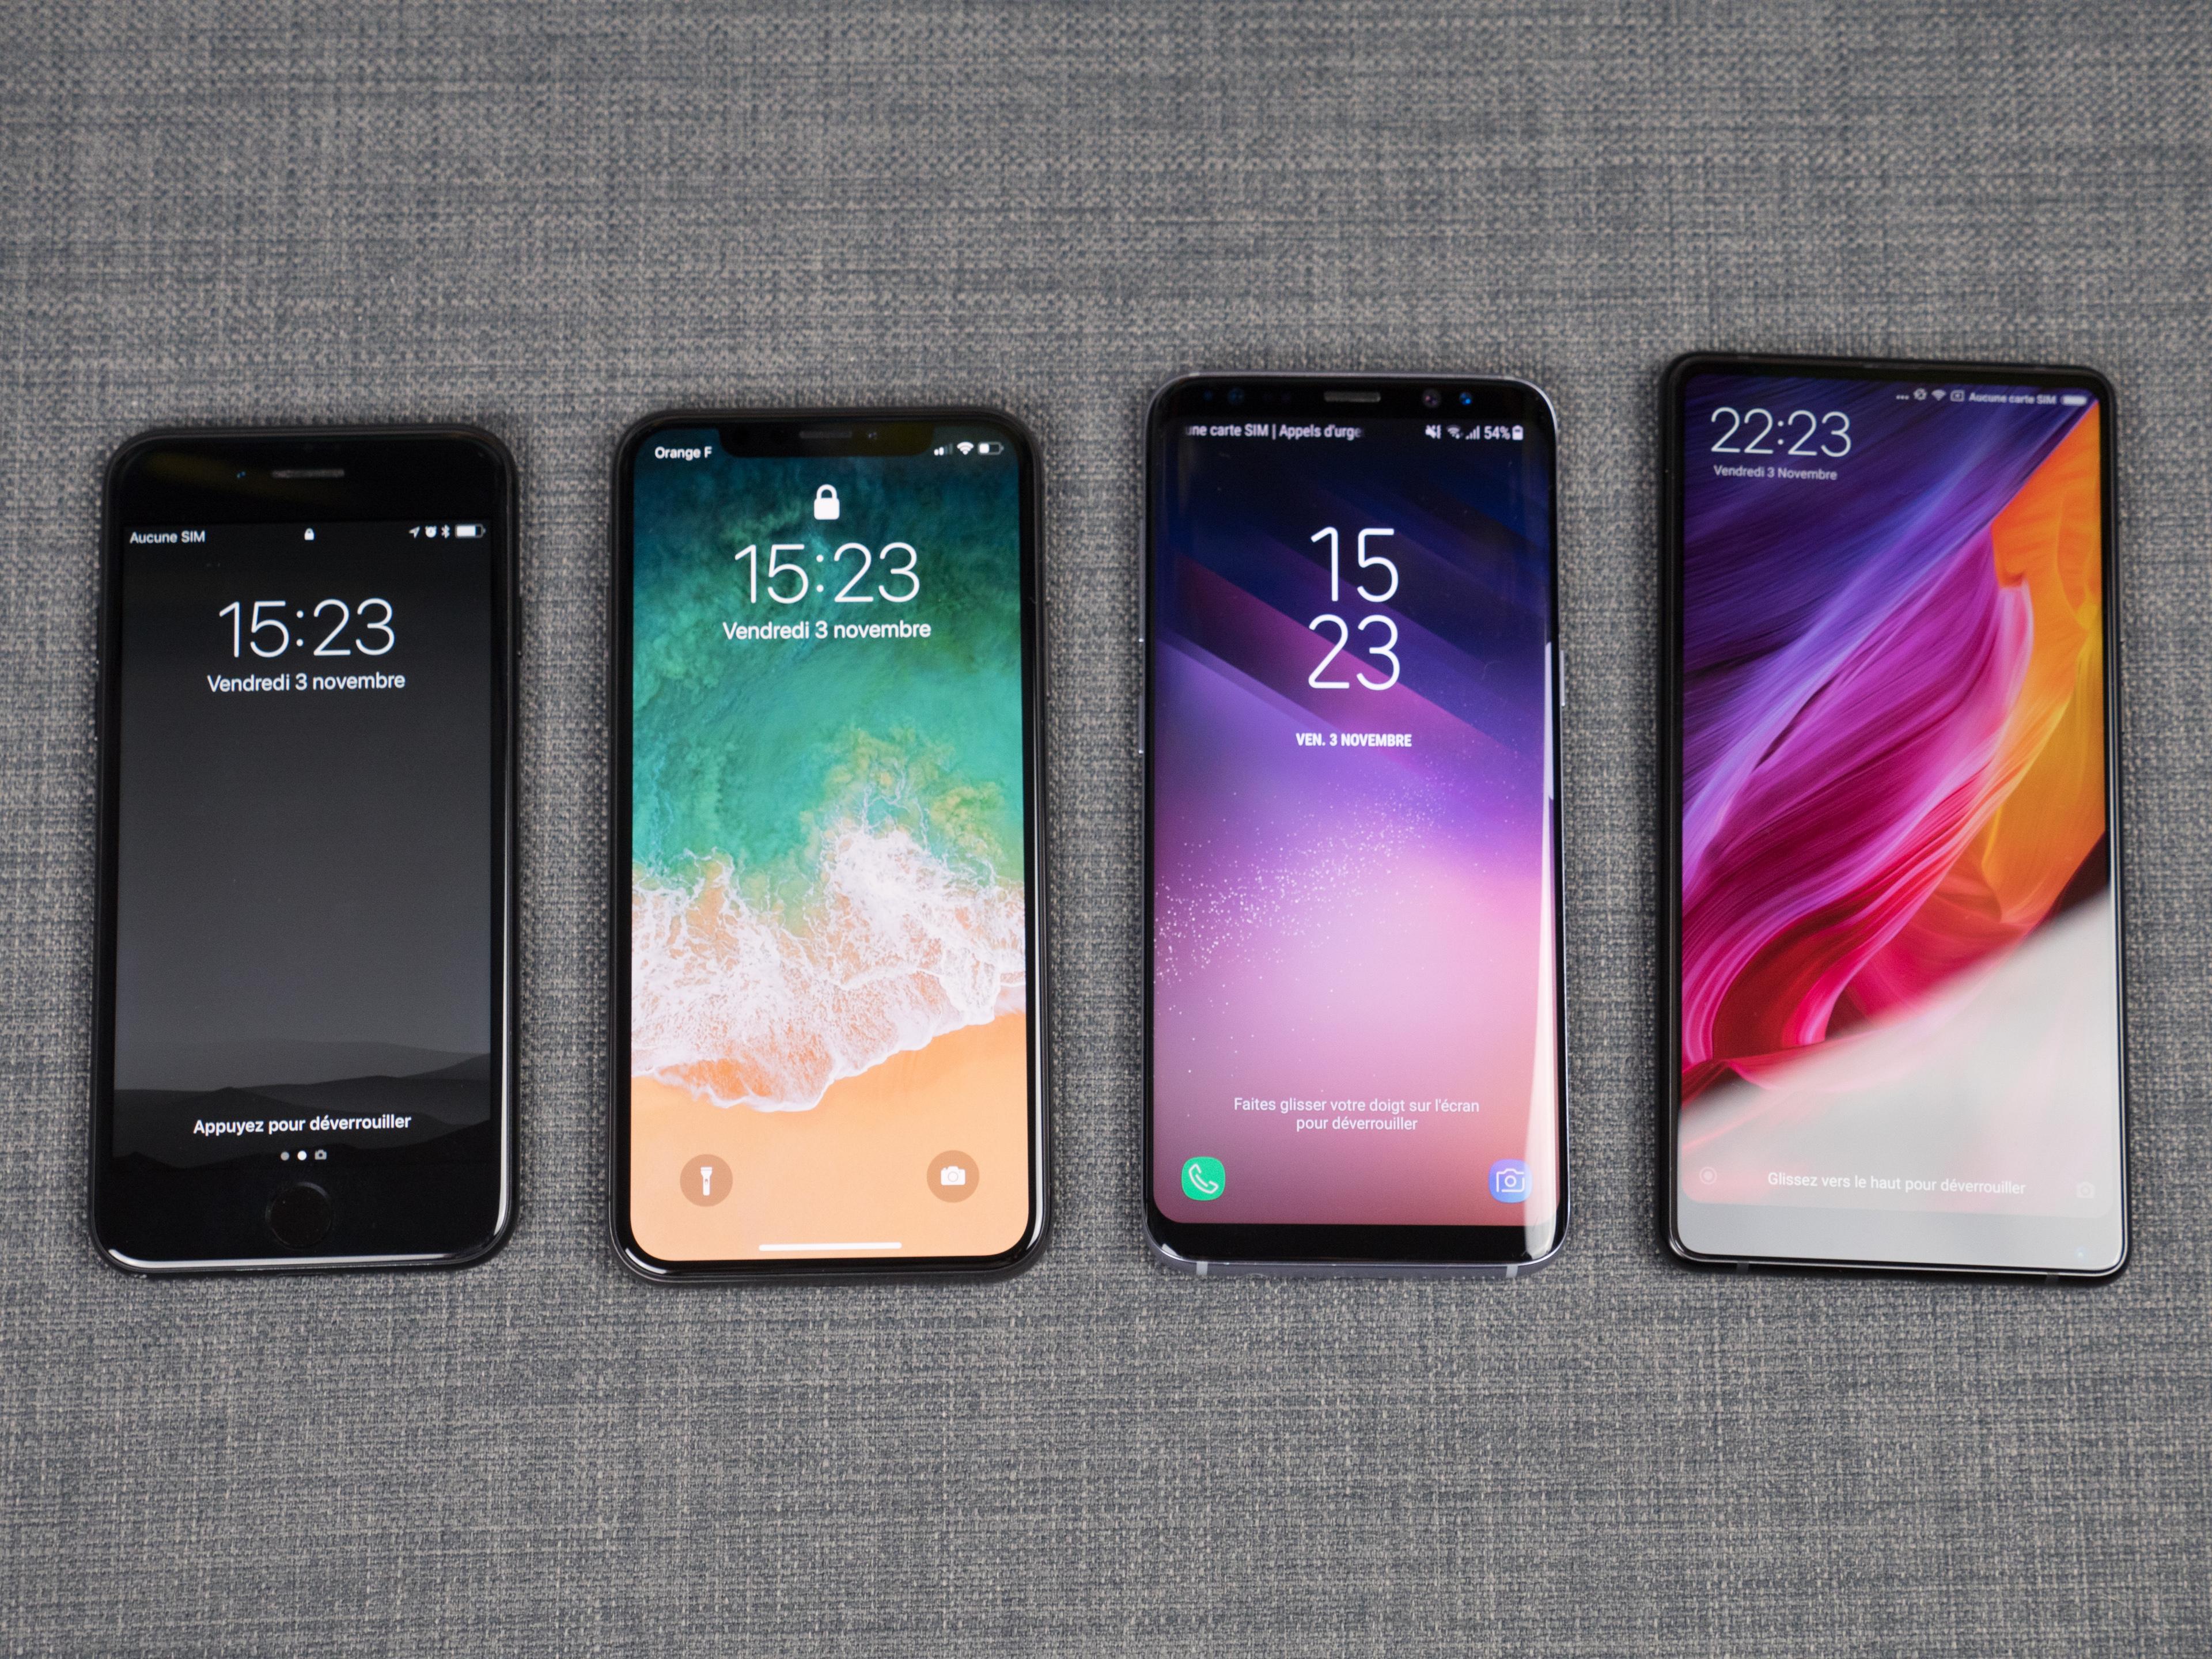 Prise En Main De L Iphone X Enfin Dans L Air Du Temps